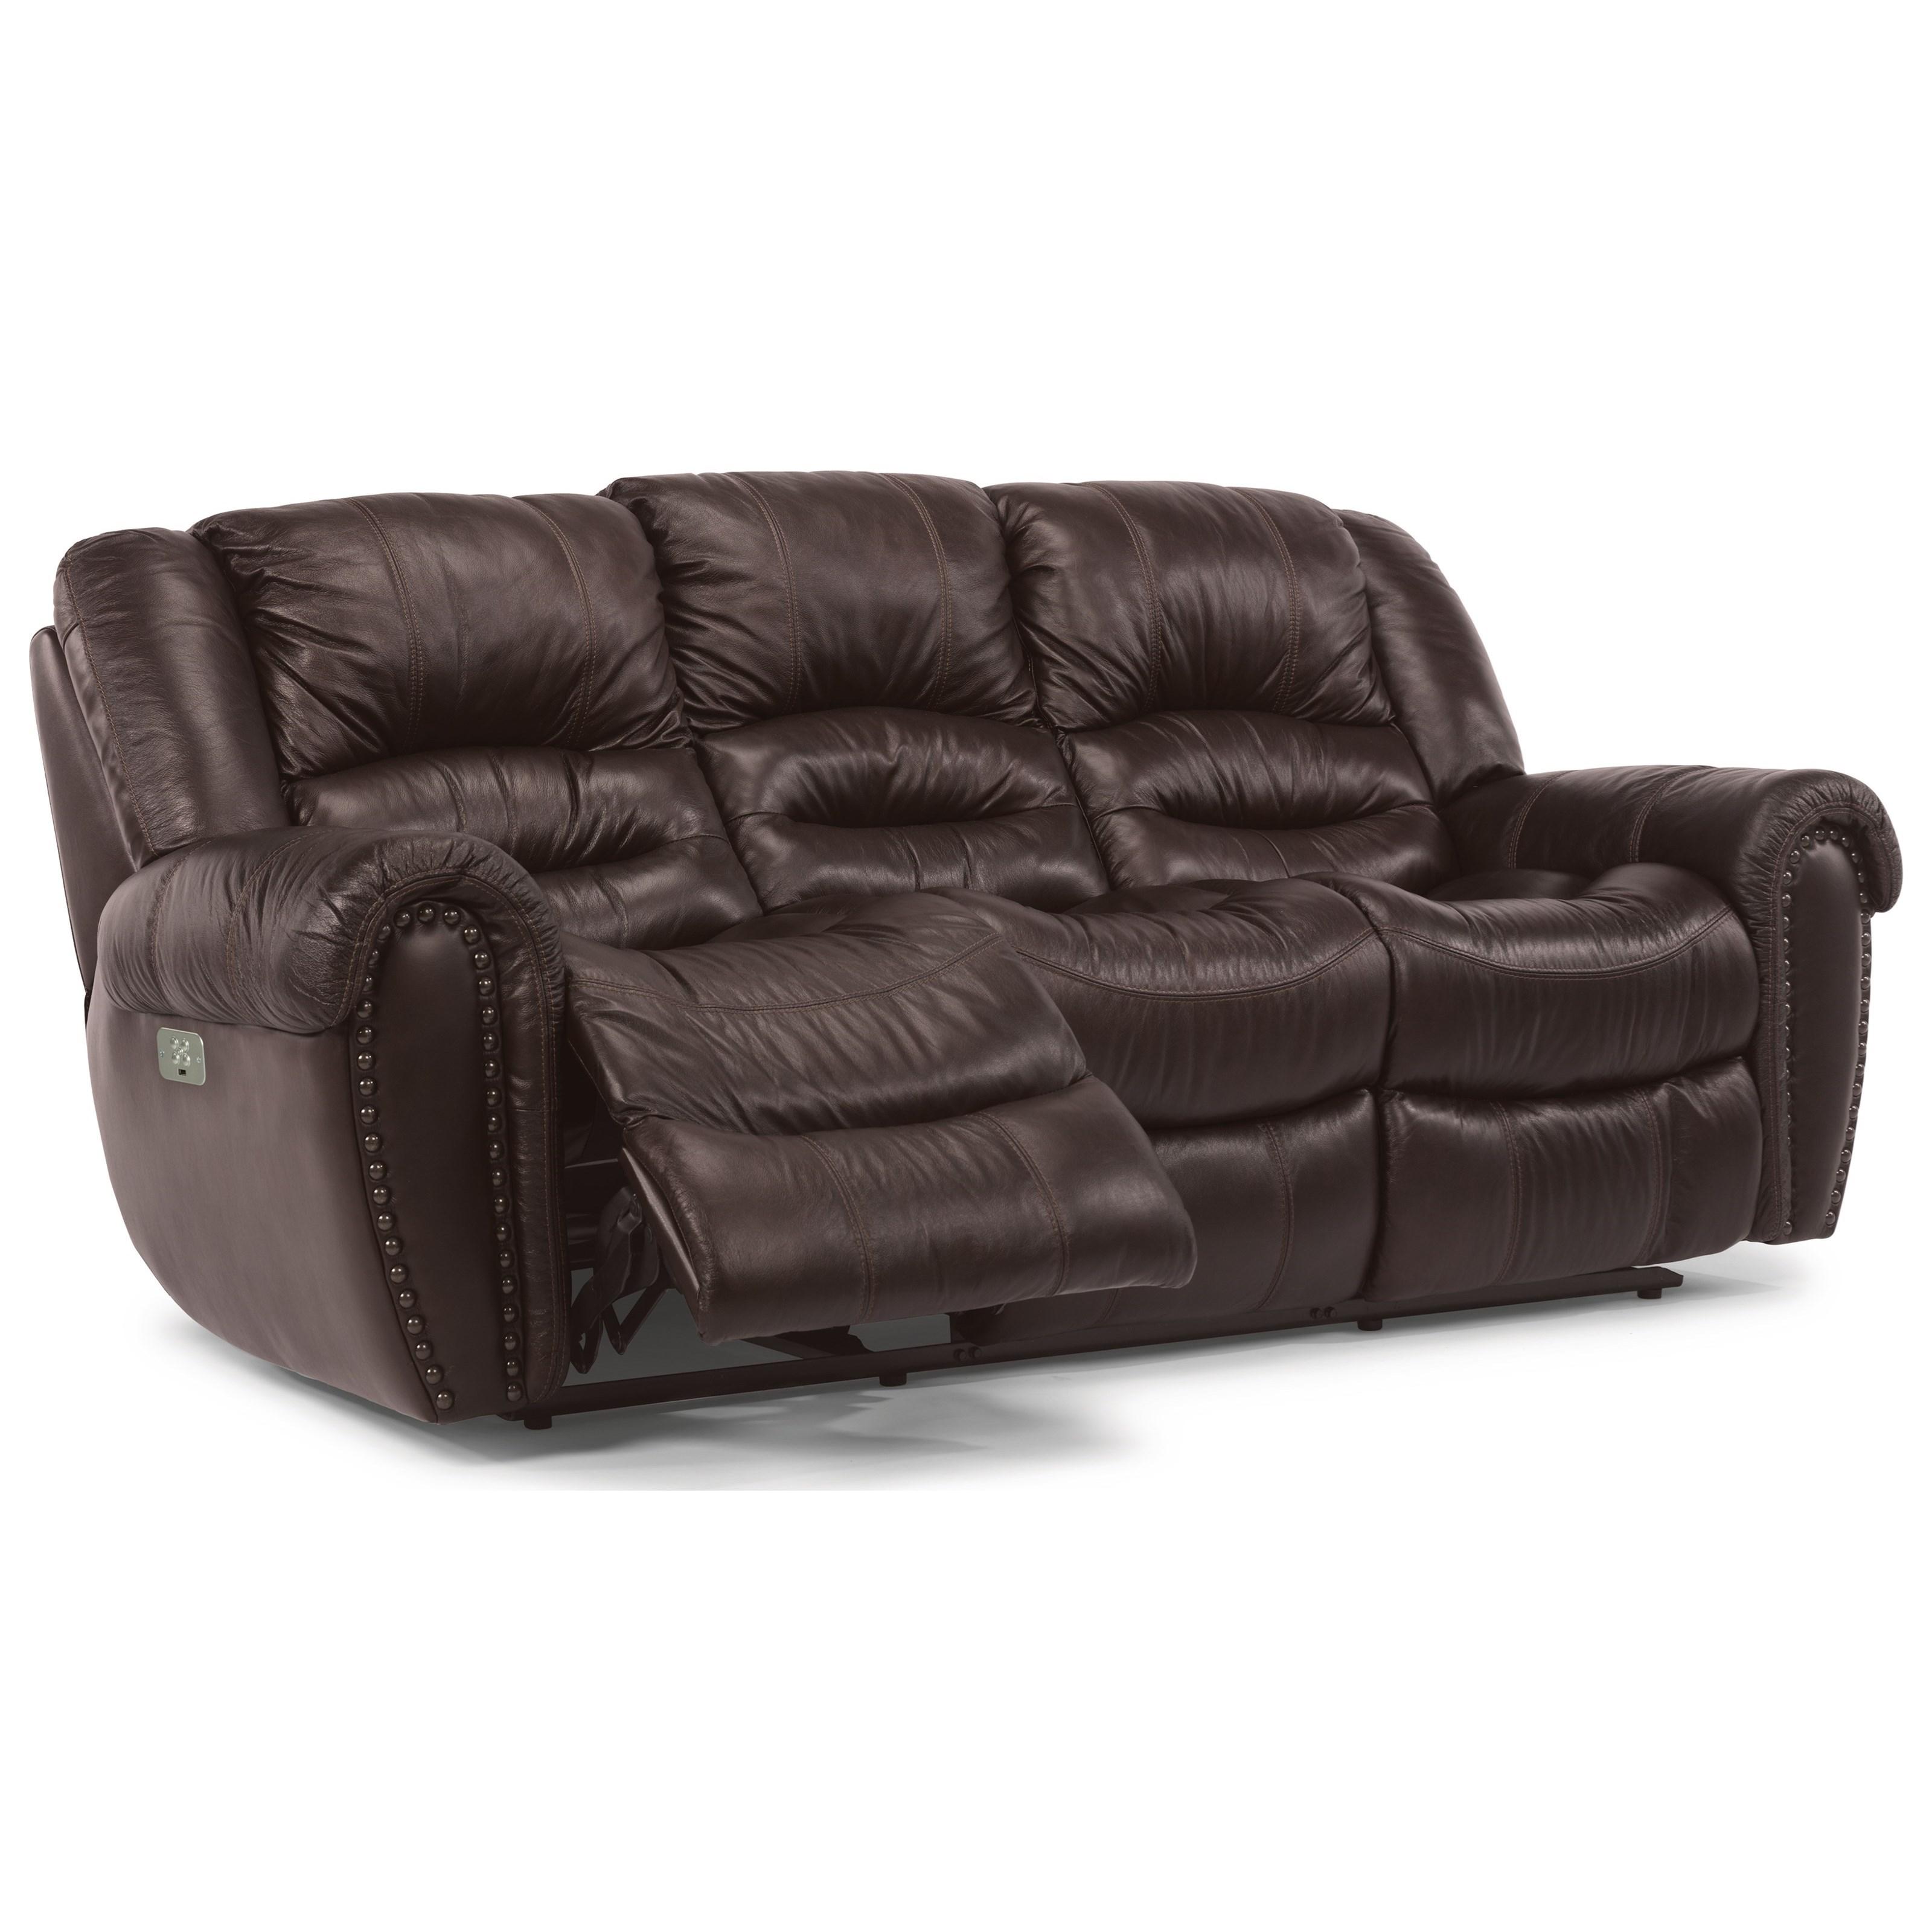 Flexsteel Furniture Uk: Flexsteel Crosstown 1210-62PH Power Reclining Sofa With